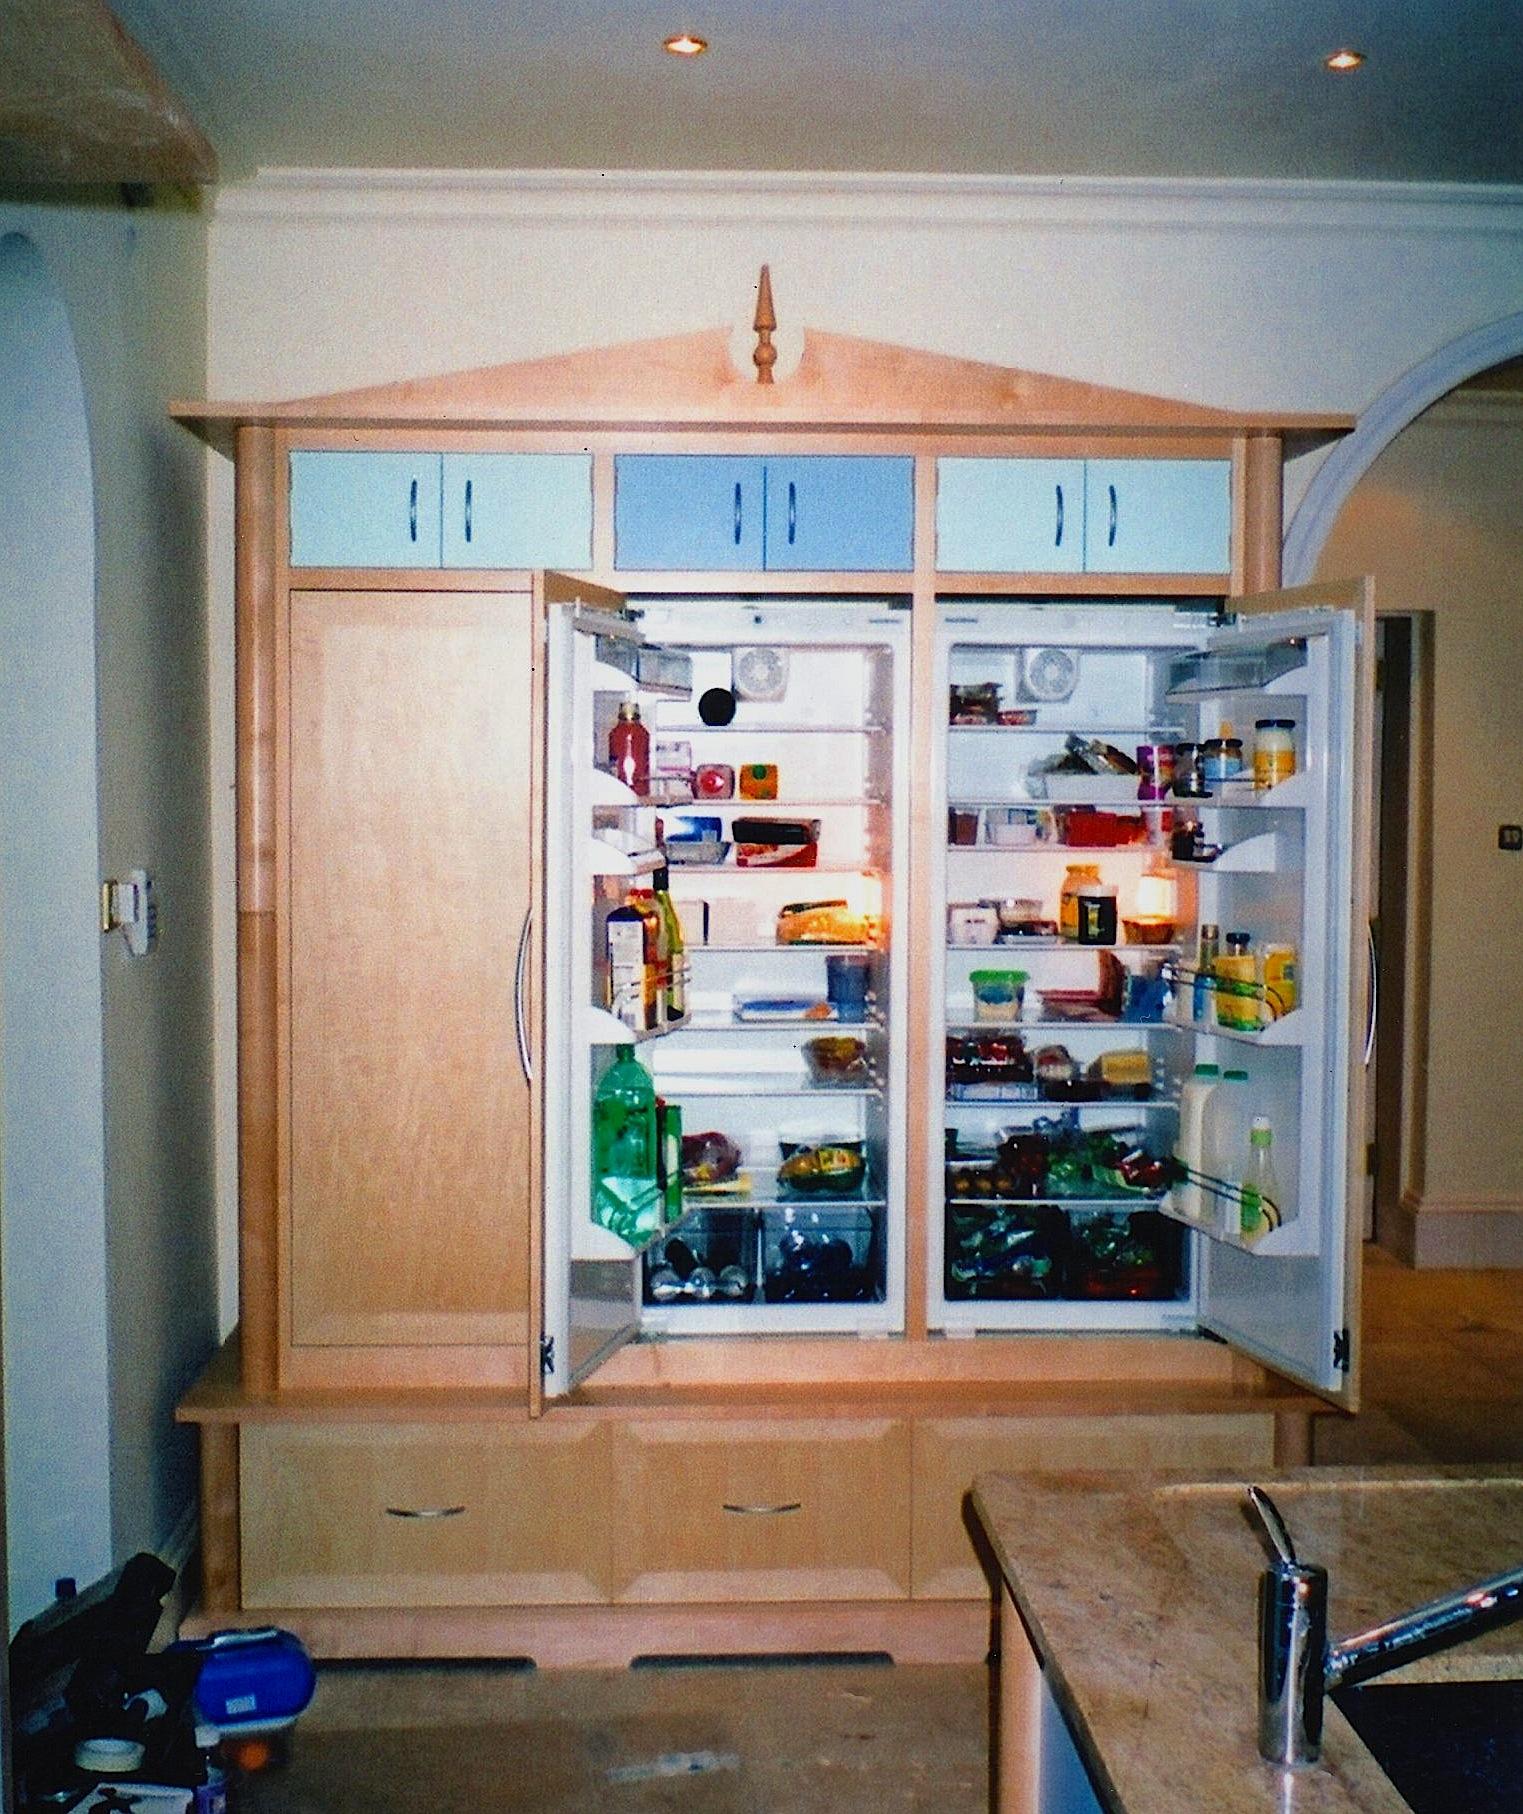 Maple-Chequered-Kitchen-Fridge-Dresser